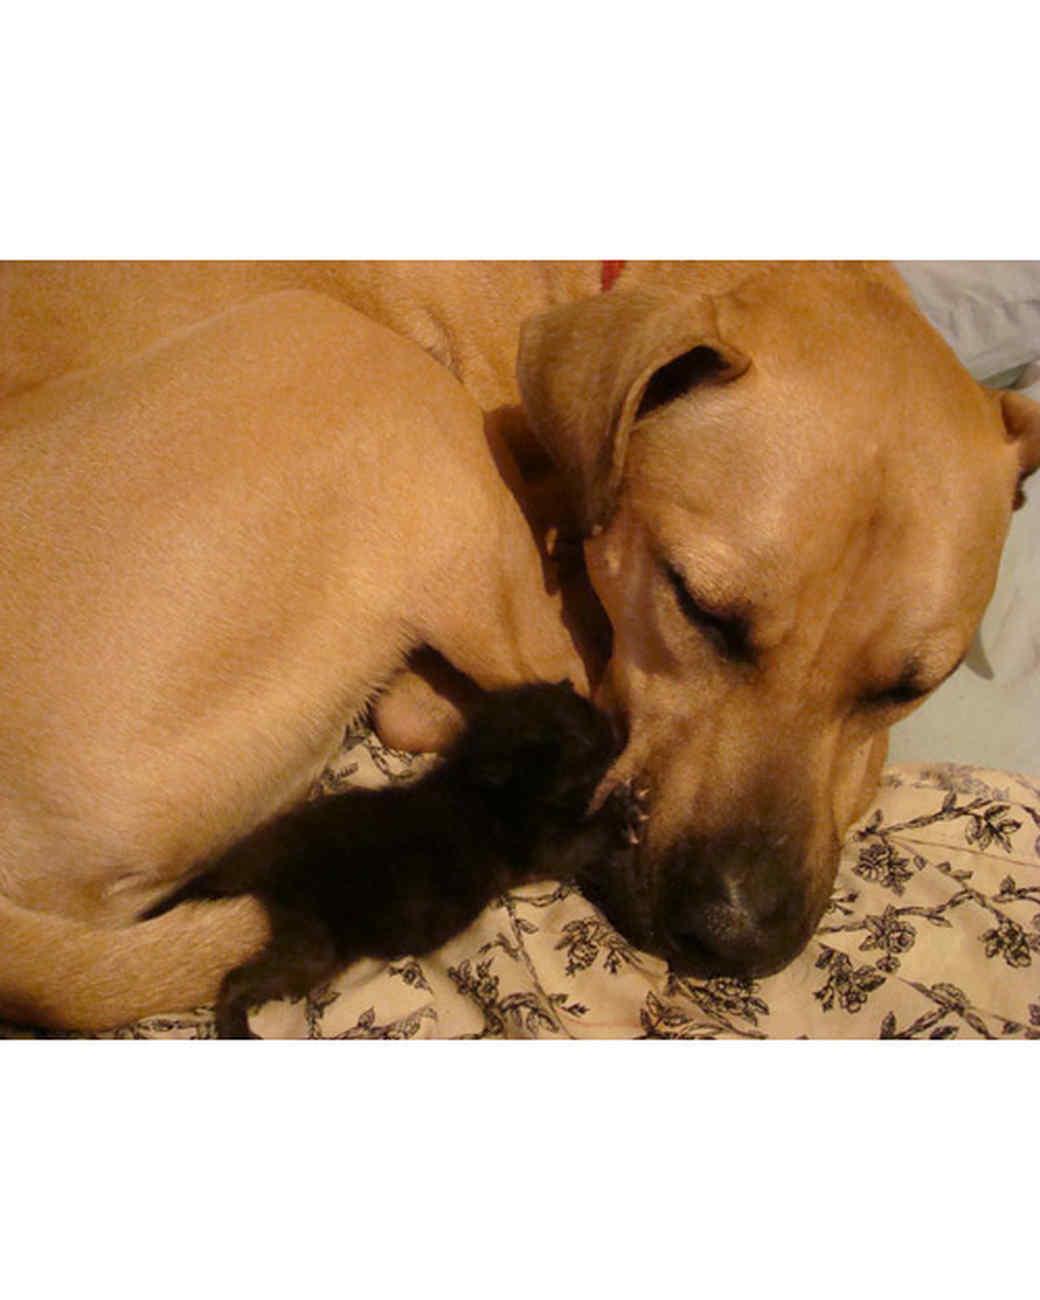 pets_lazy_0909_ori00101051.jpg